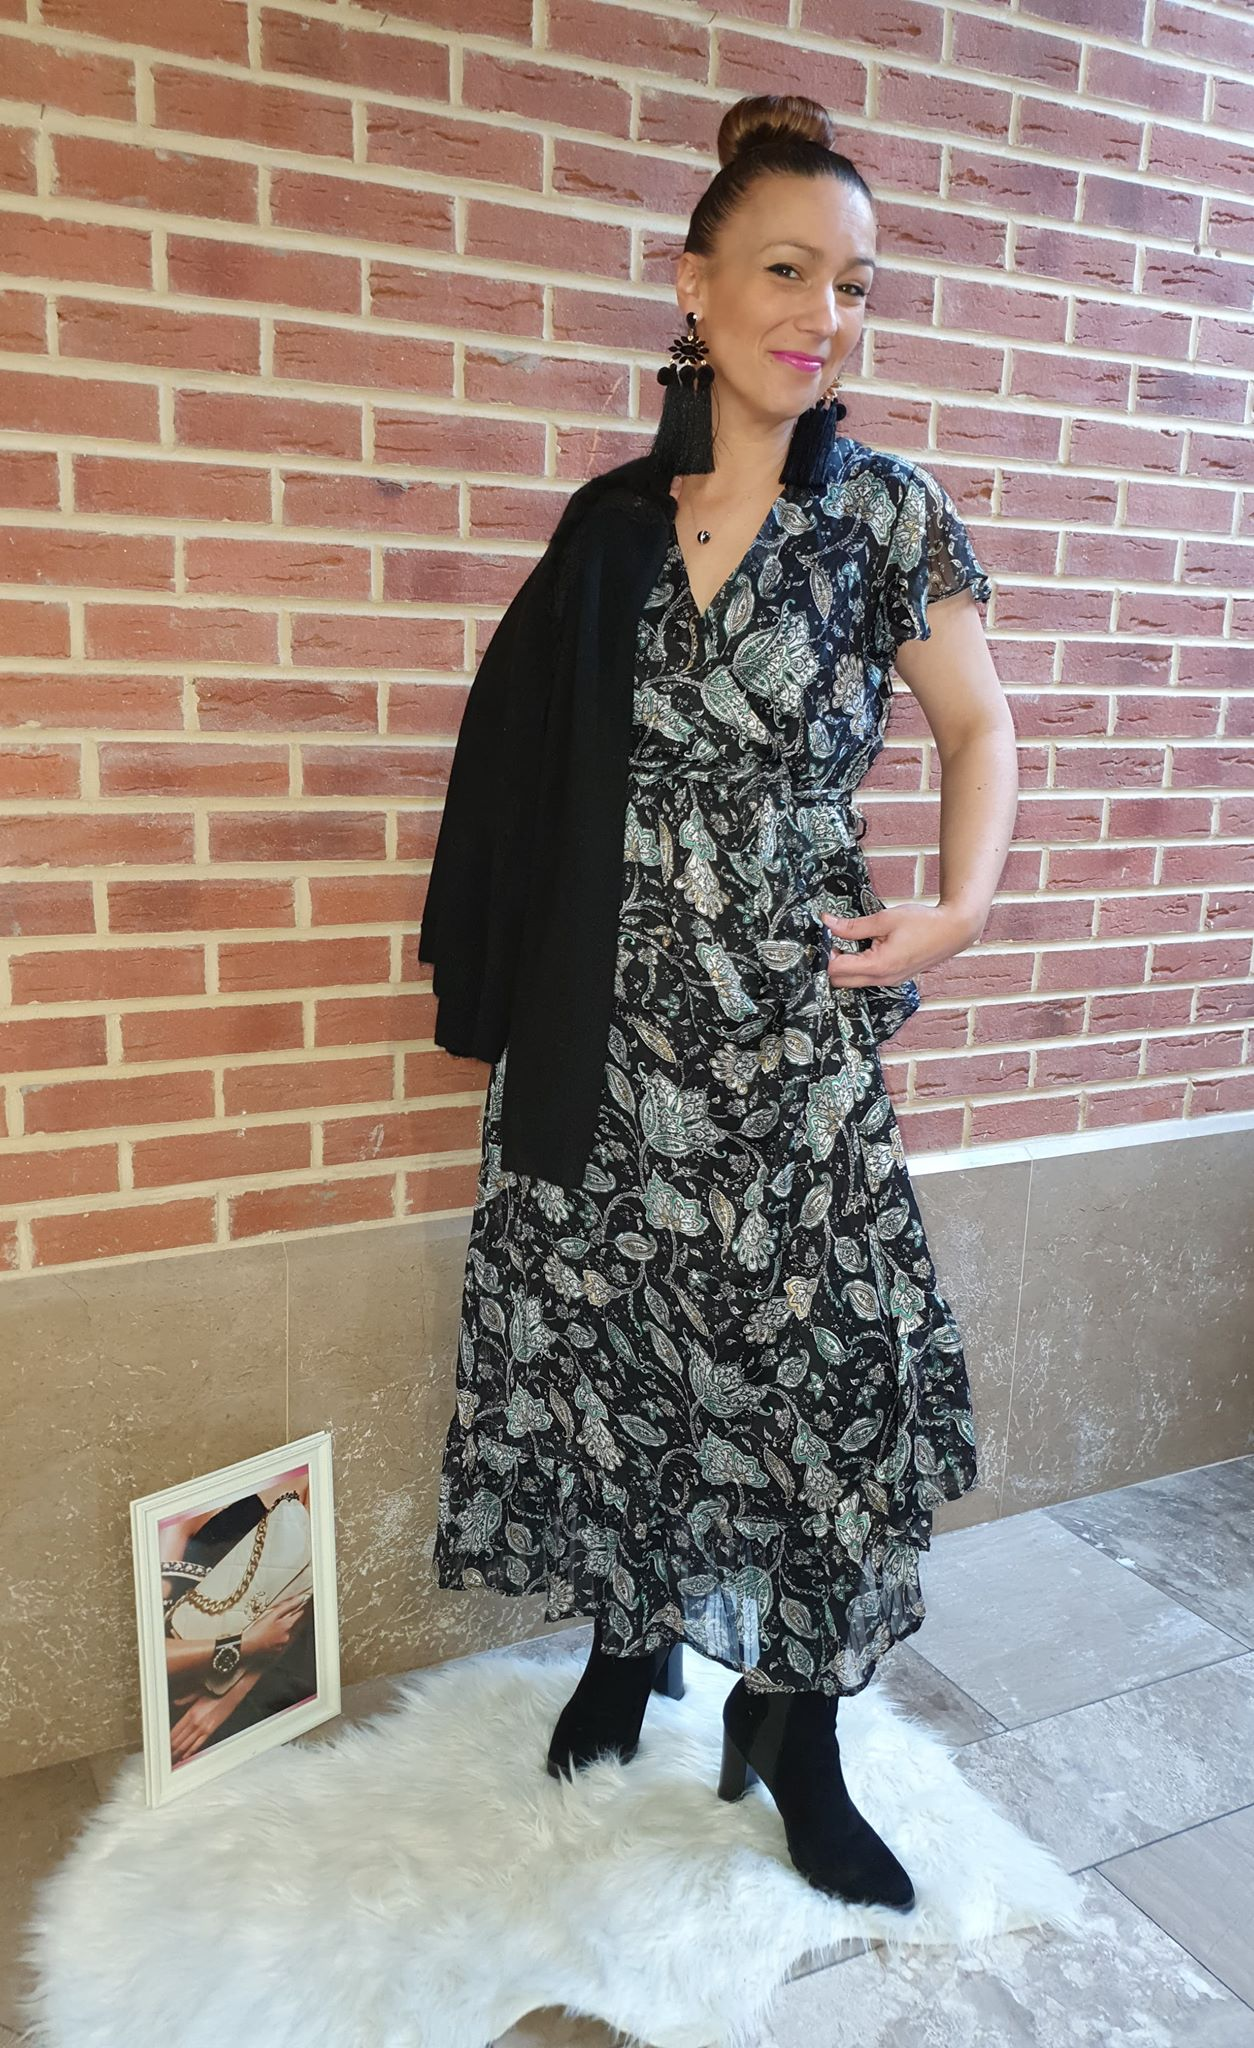 robe longue noir et vert motif - rob-lon-noi-ver